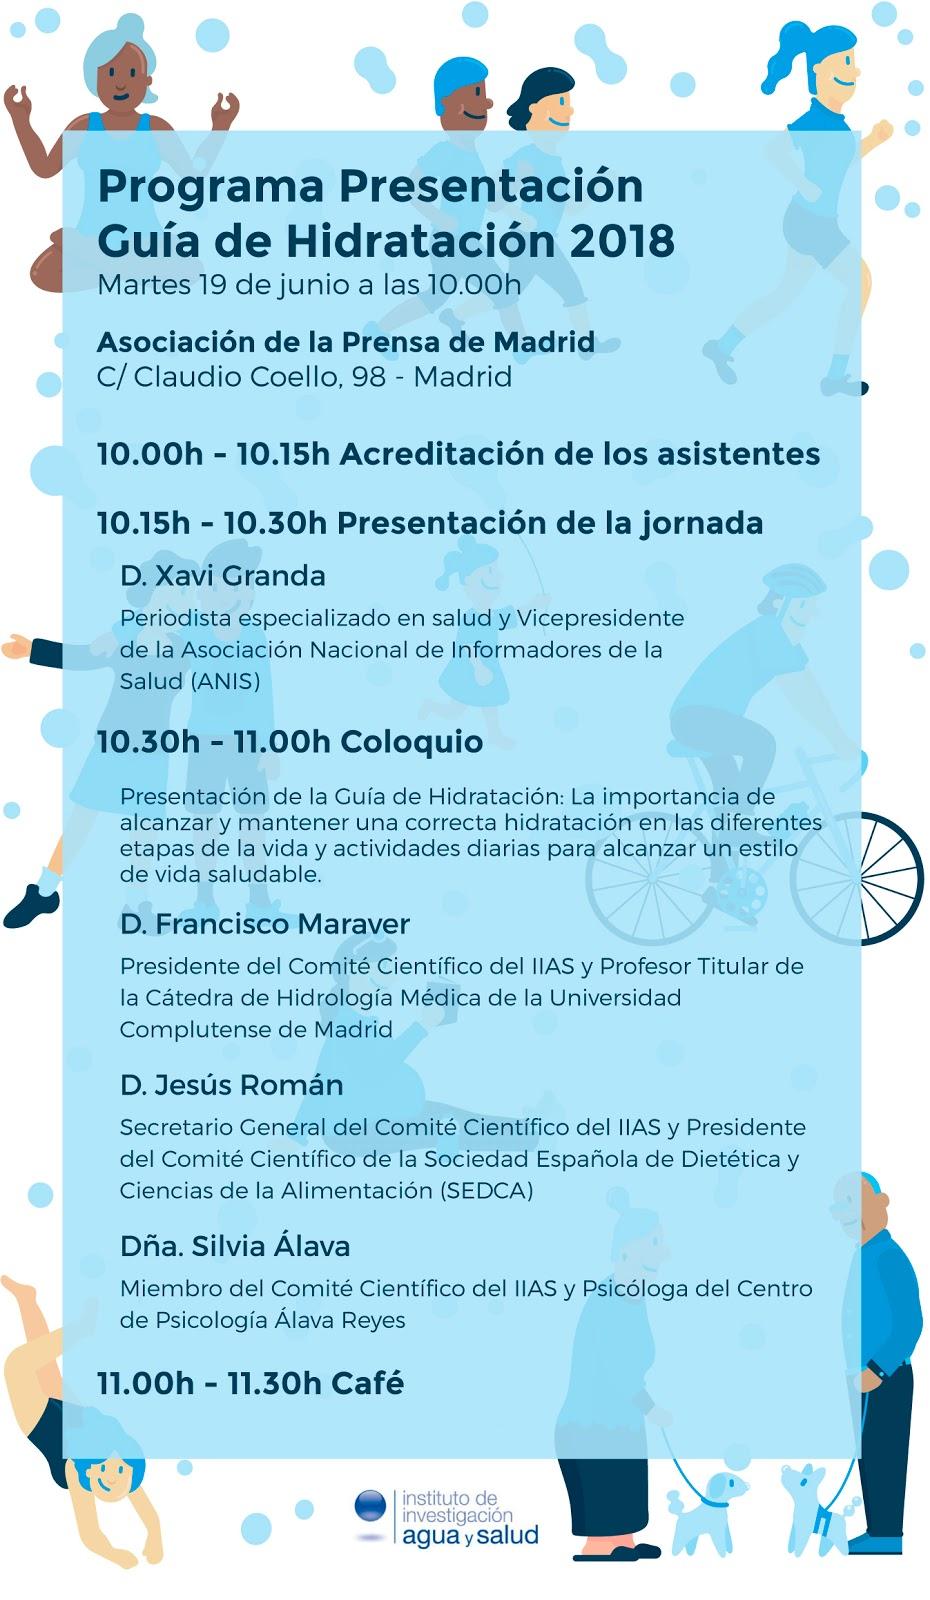 """El Instituto de Investigación Agua y Salud - IIAS se complace en invitarle a la Presentación de la """"Guía de Hidratación"""""""